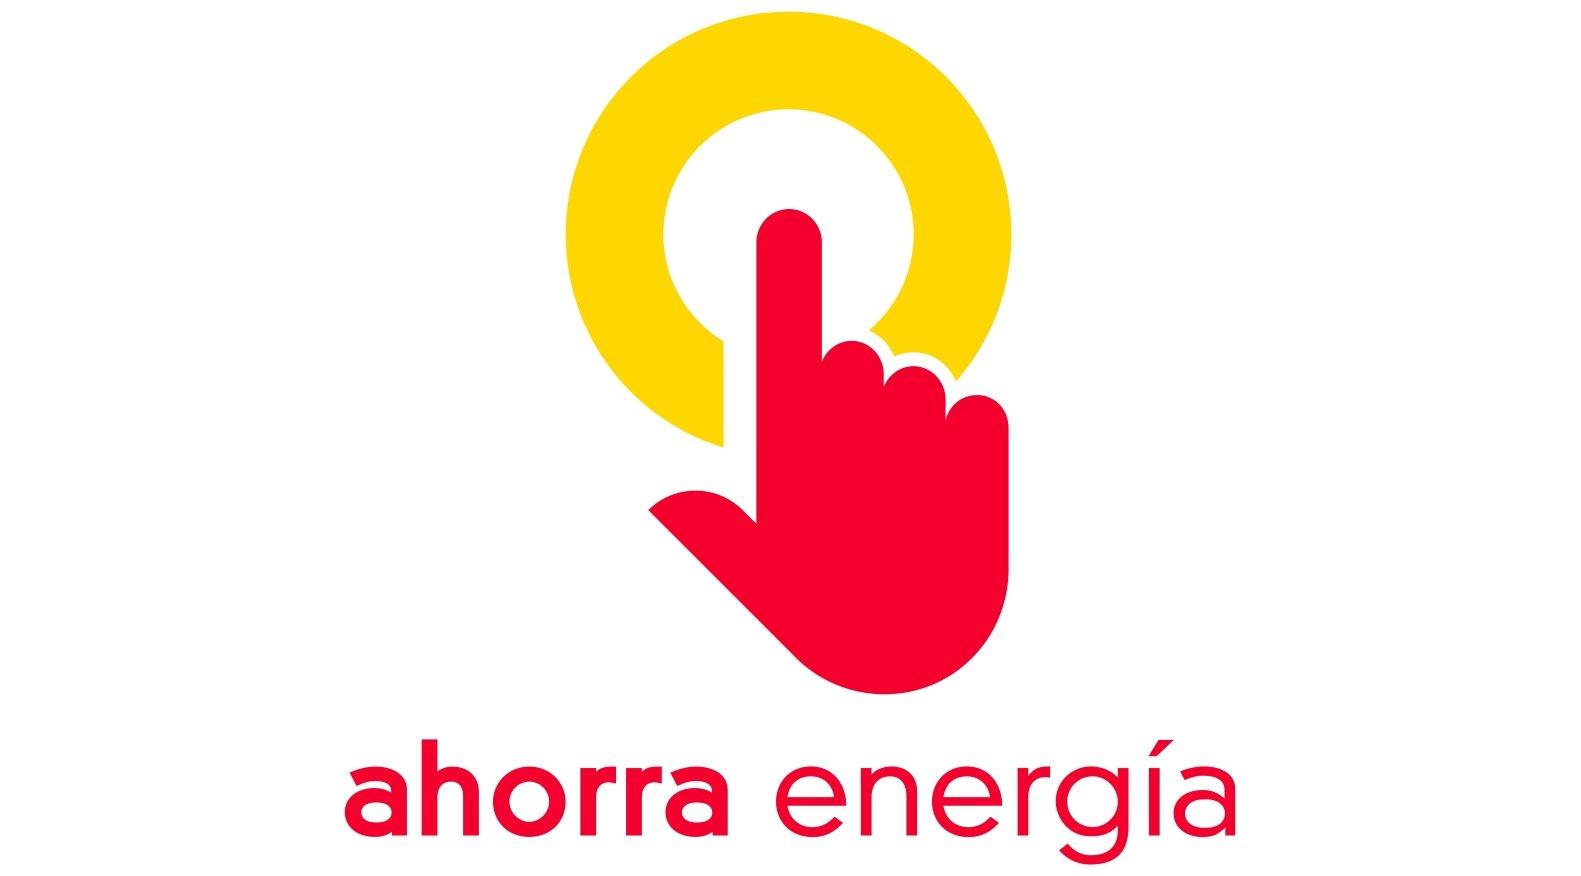 imagenes_logo_ahorra_dd34e9c2.jpg